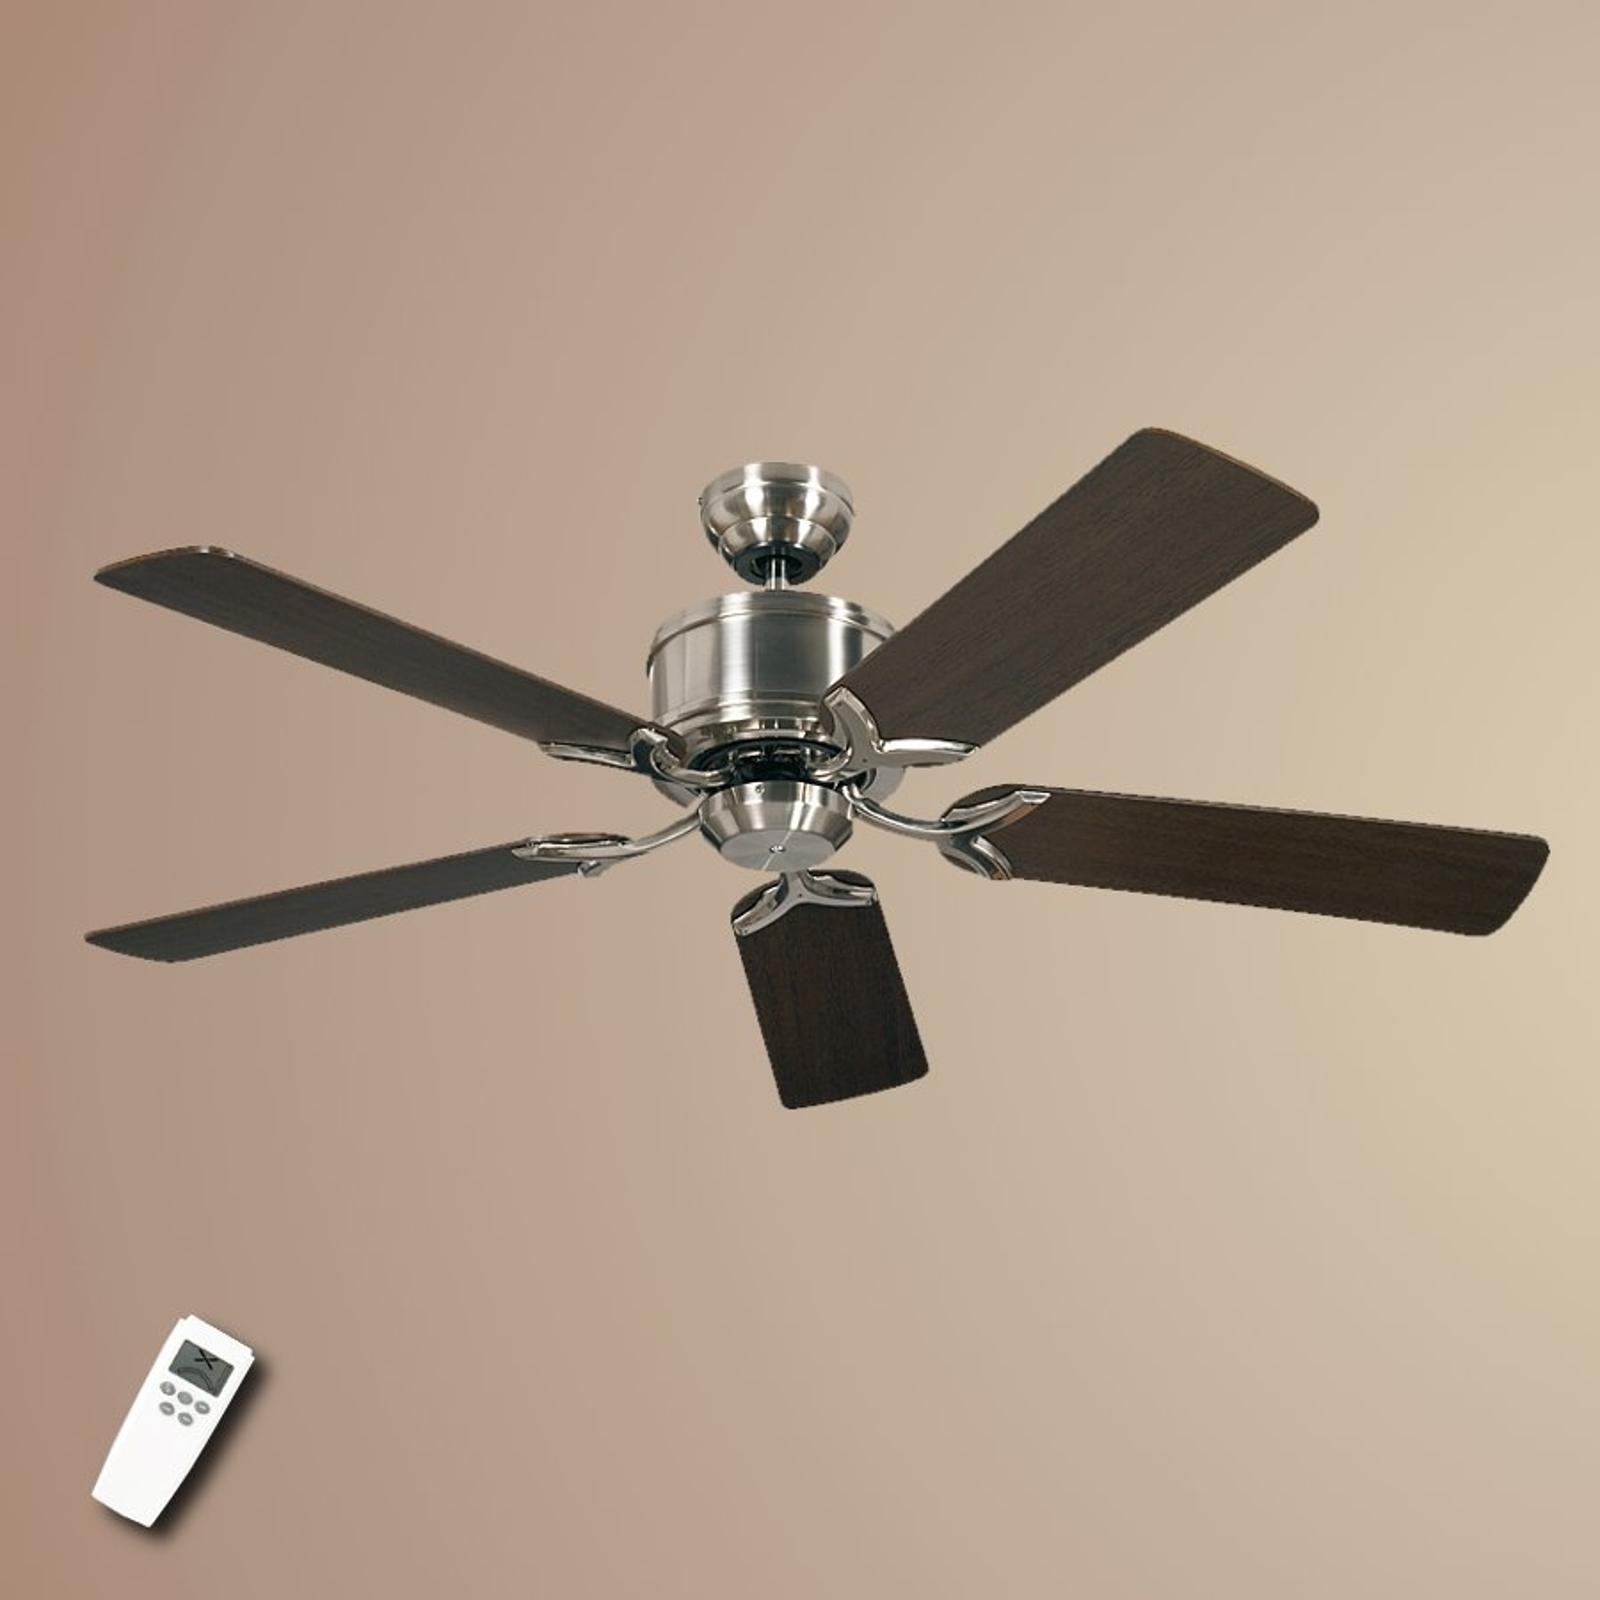 Ventilatore Eco Elements, wengè e acero